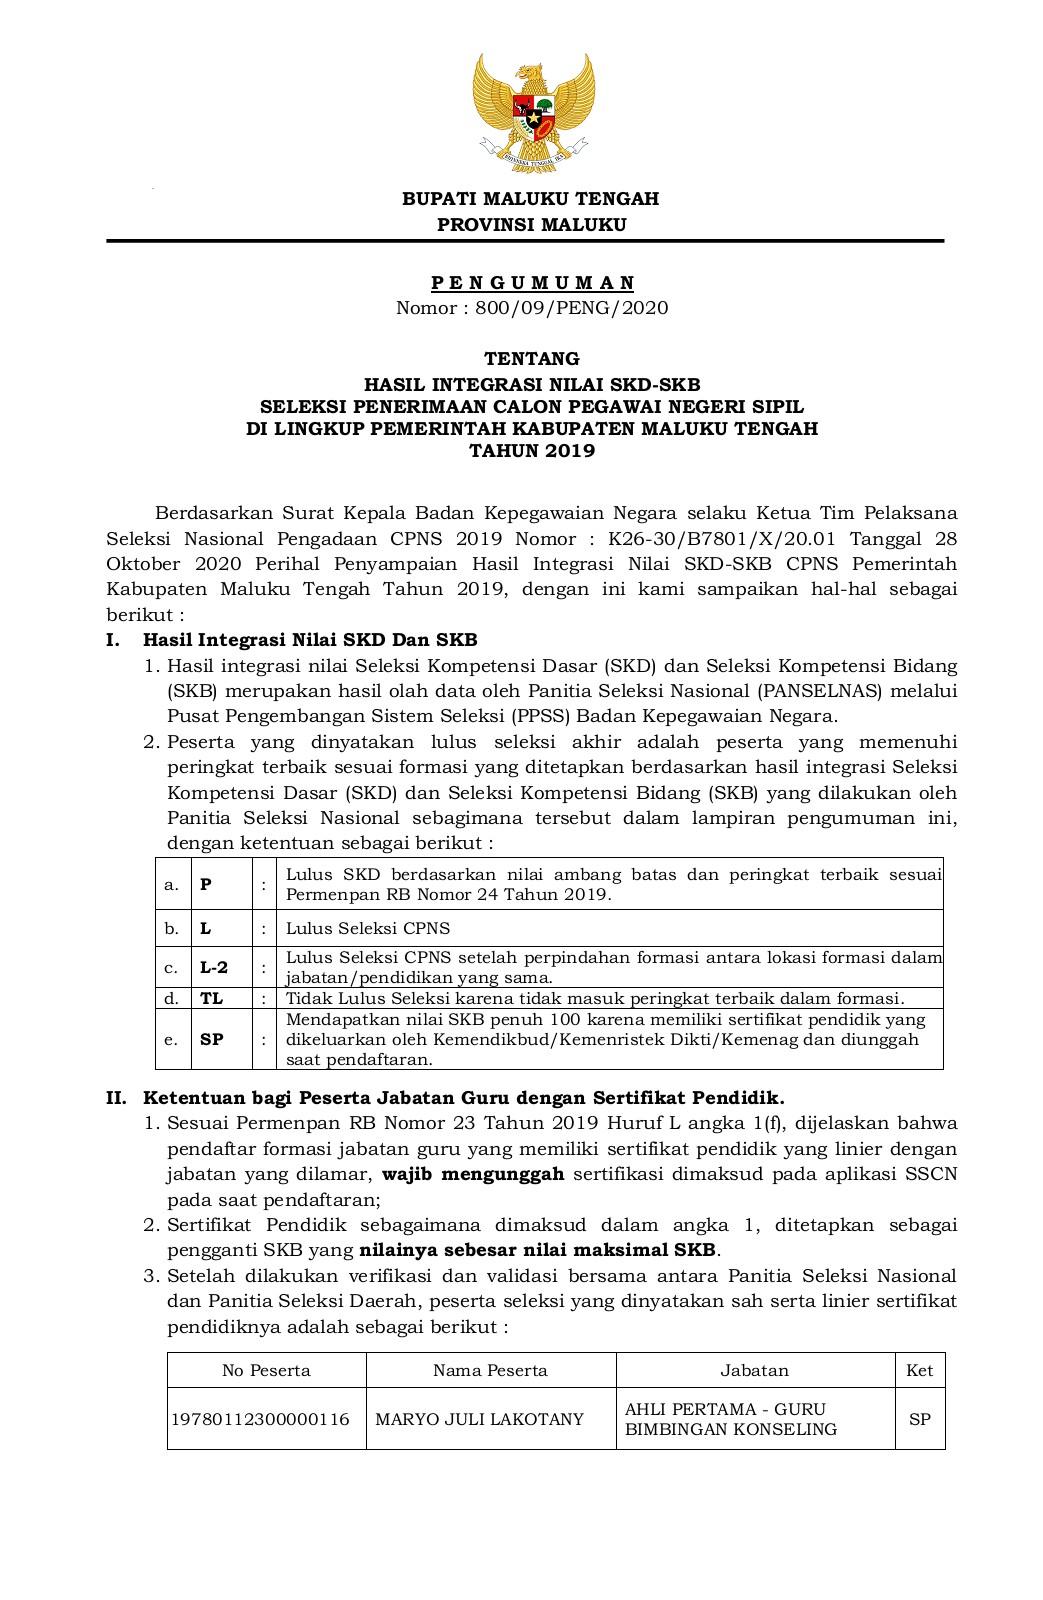 Formasi Cpns Kemenristekdikti 2019 : formasi, kemenristekdikti, Pengumuman, Hasil, Integrasi, Nilai, SKD-SKB, Maluku, Tengah